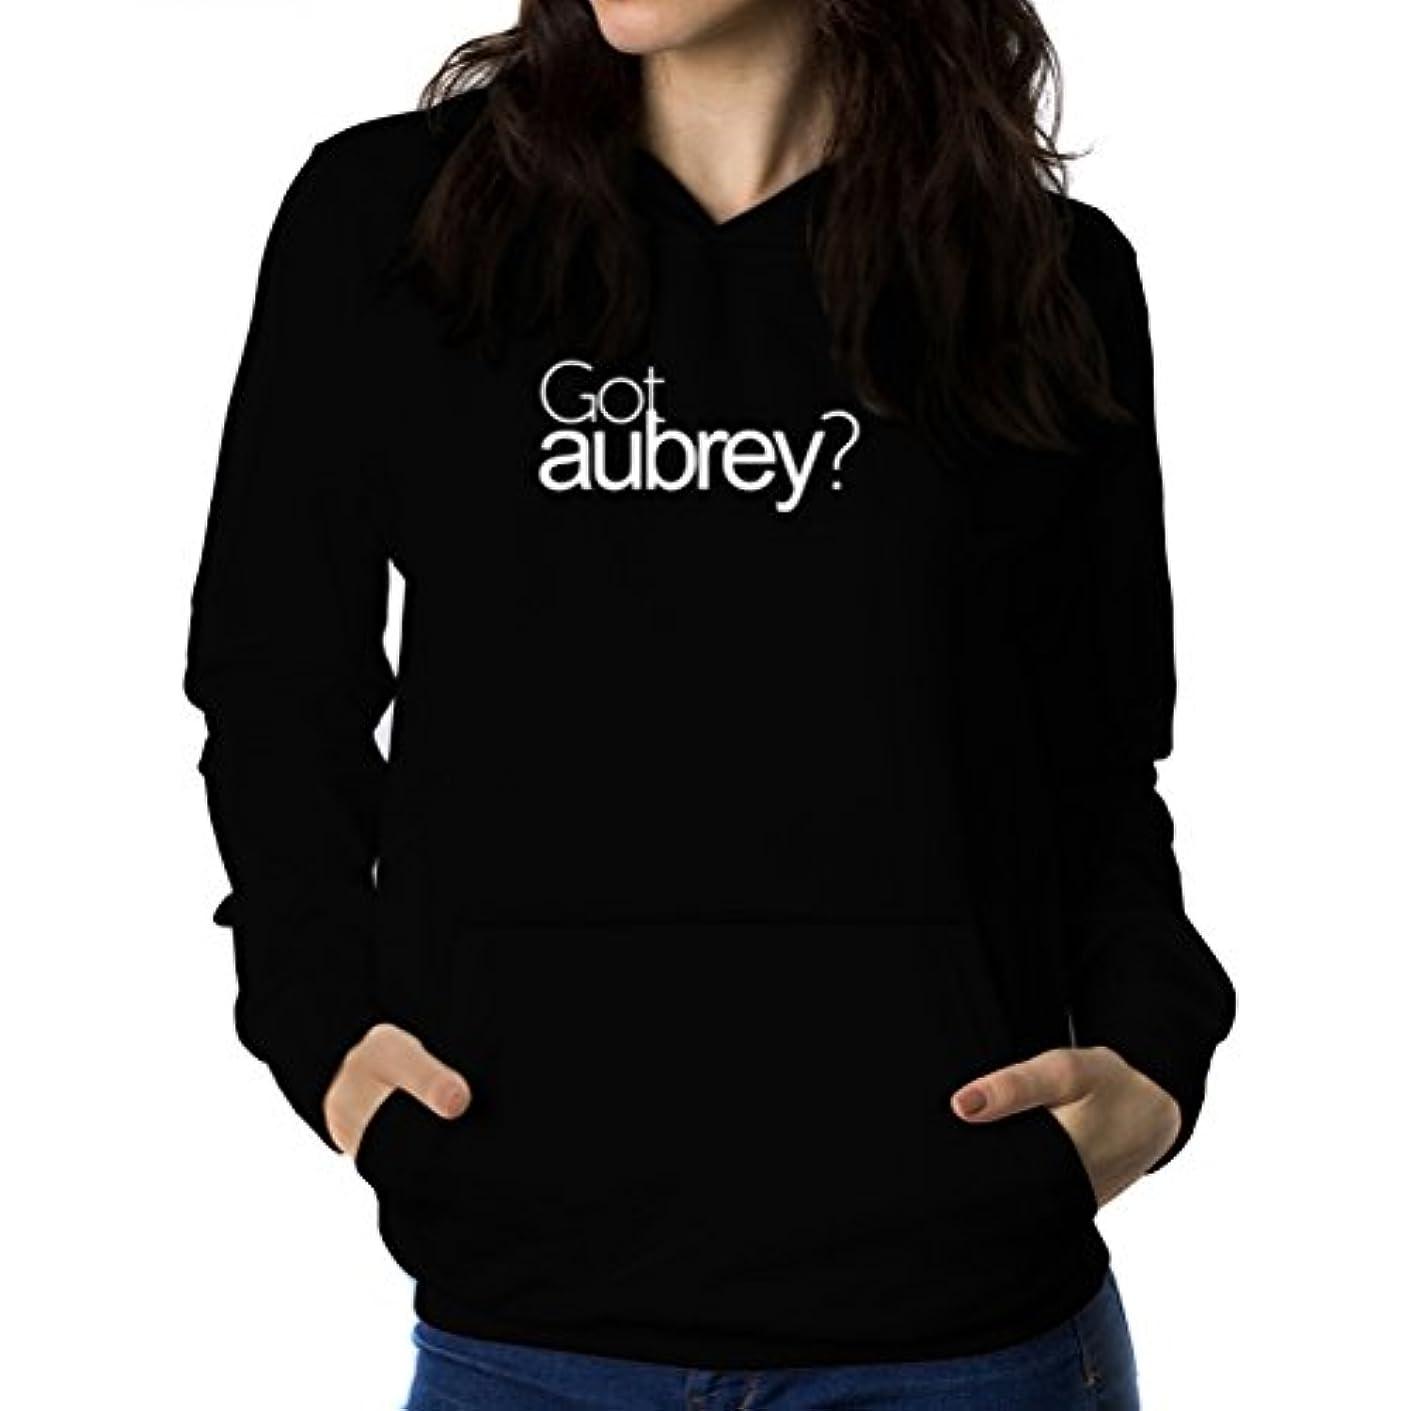 電子レンジ環境保護主義者夢Got Aubrey? 女性 フーディー